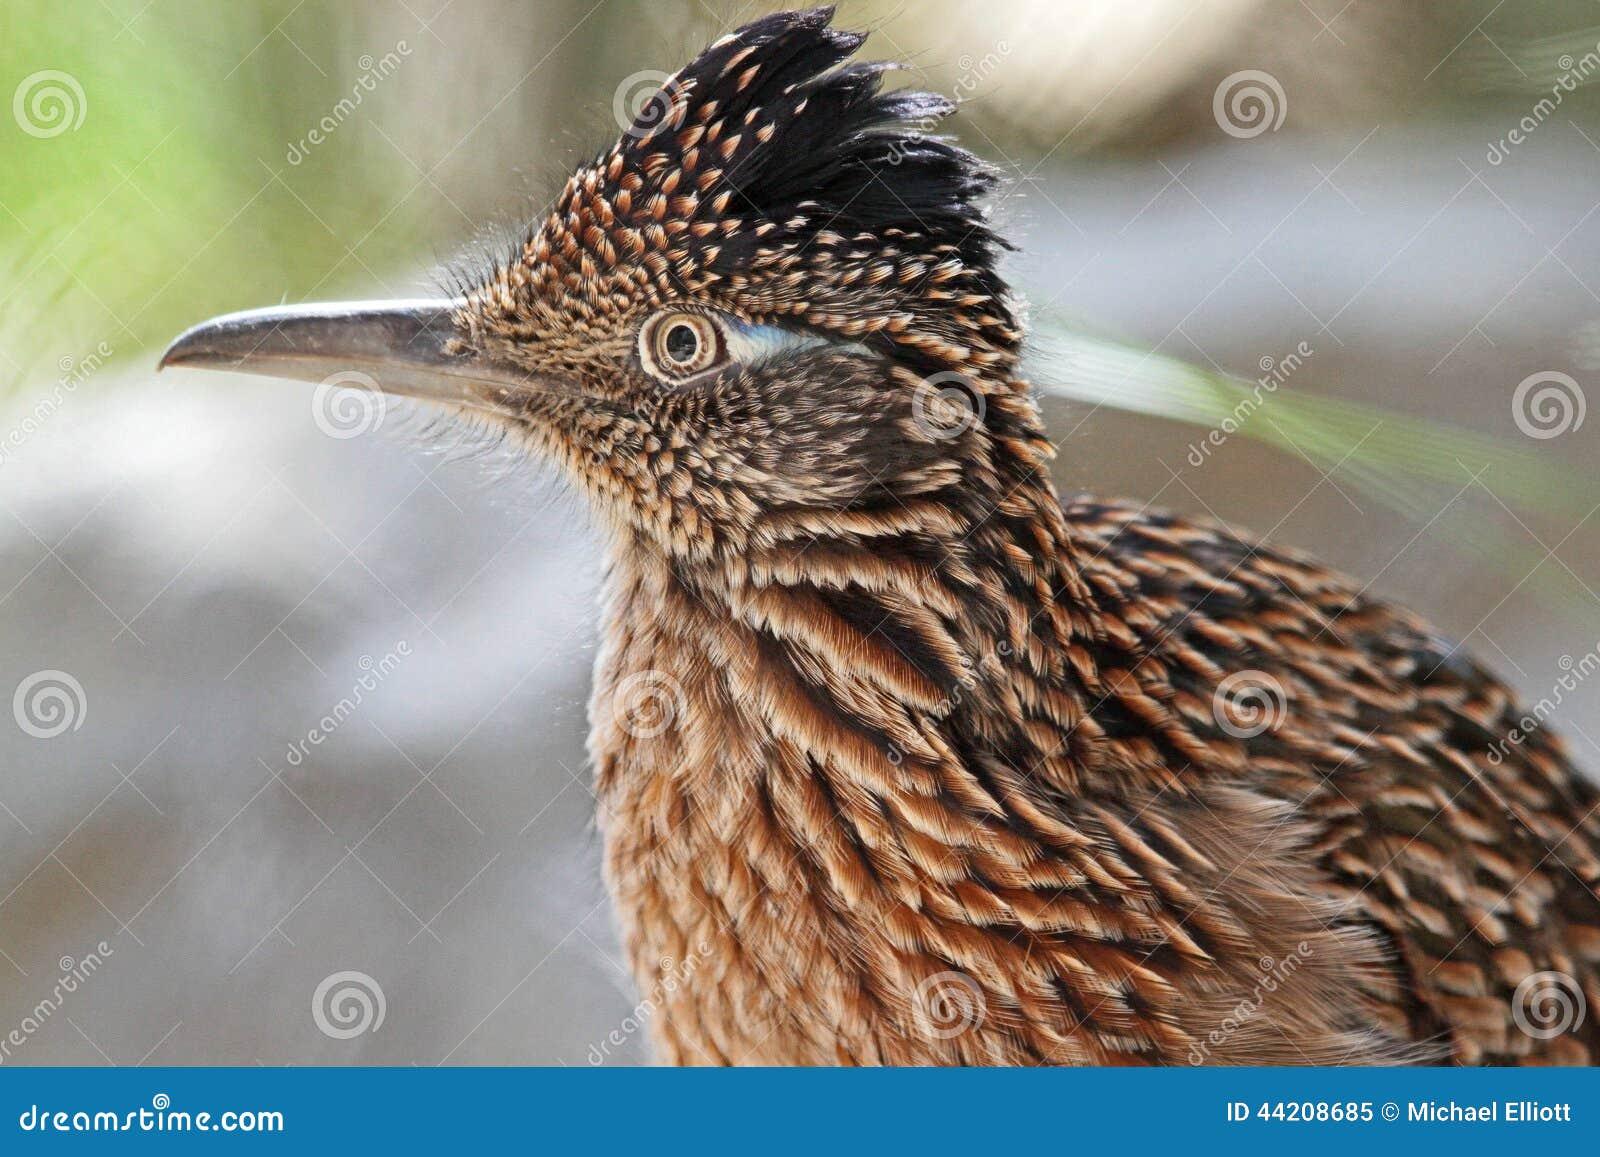 Roadrunner Bird